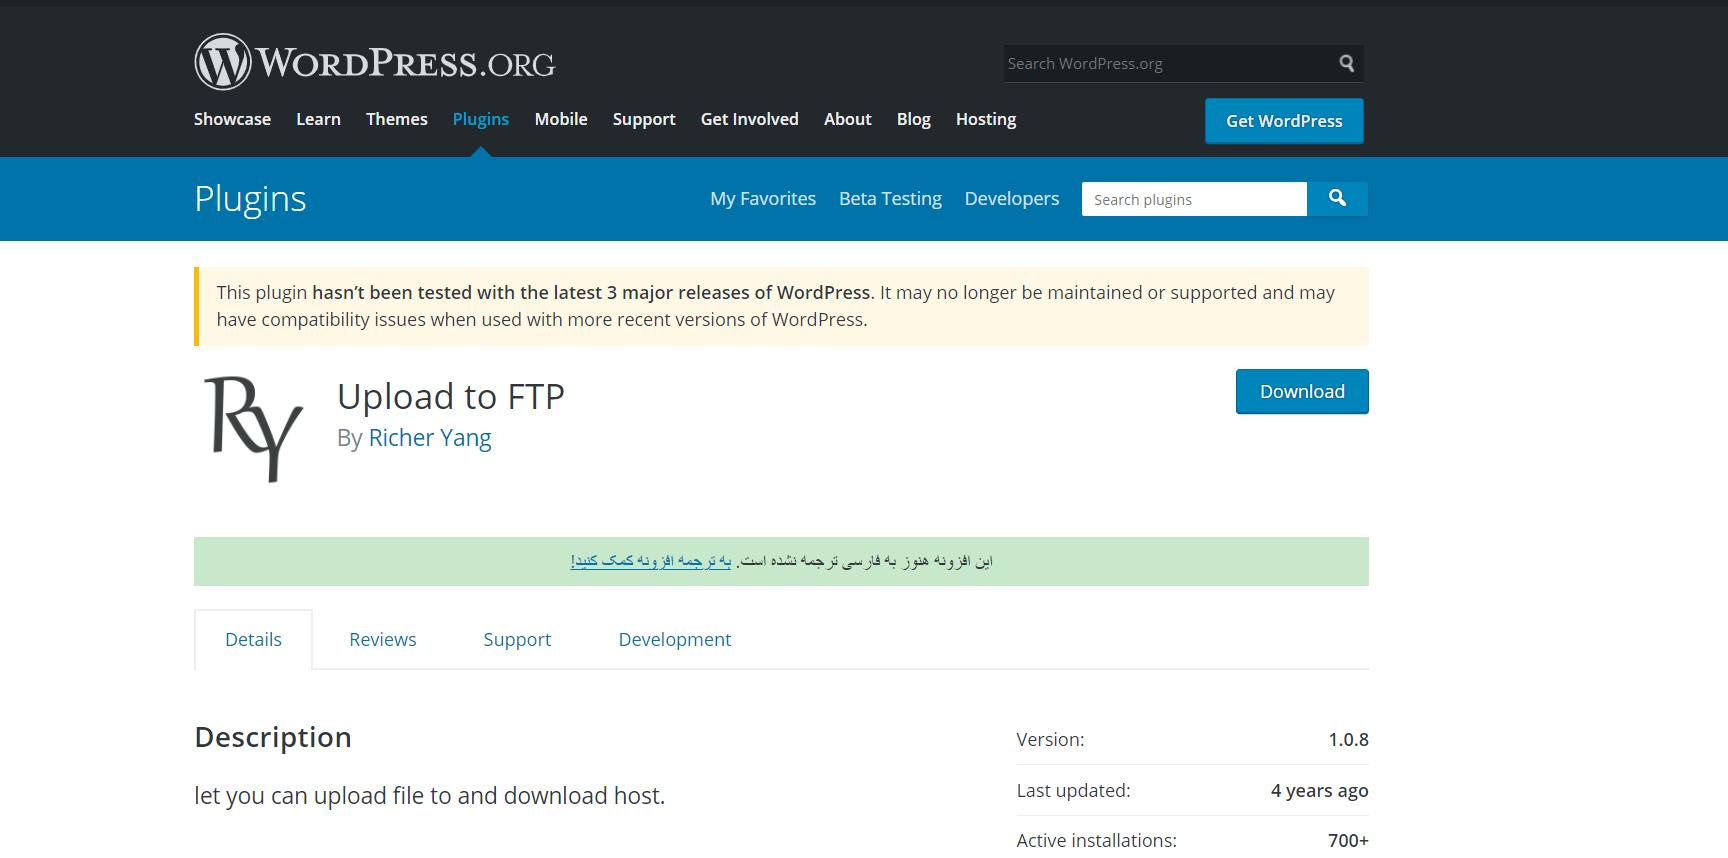 آموزش نحوه اتصال هاست دانلود به وردپرس با افزونهUpload To FTP